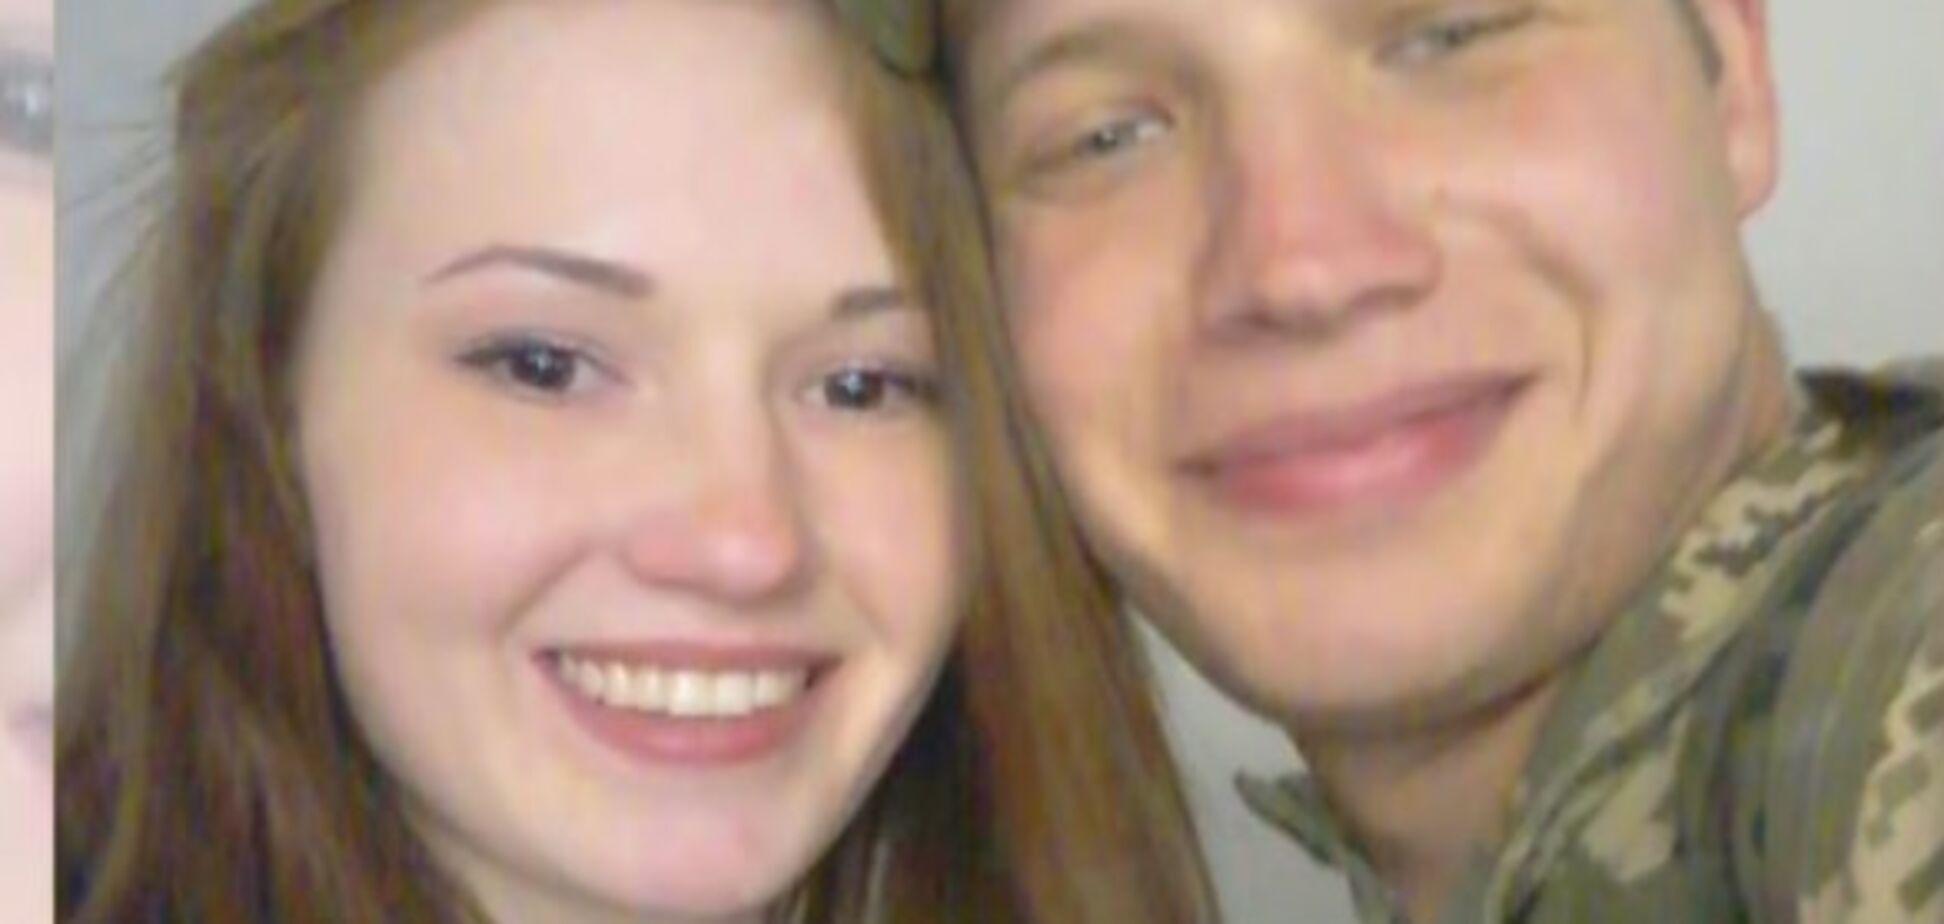 Нареченого вбили на весіллі: трагедія під Києвом отримала несподіваний поворот